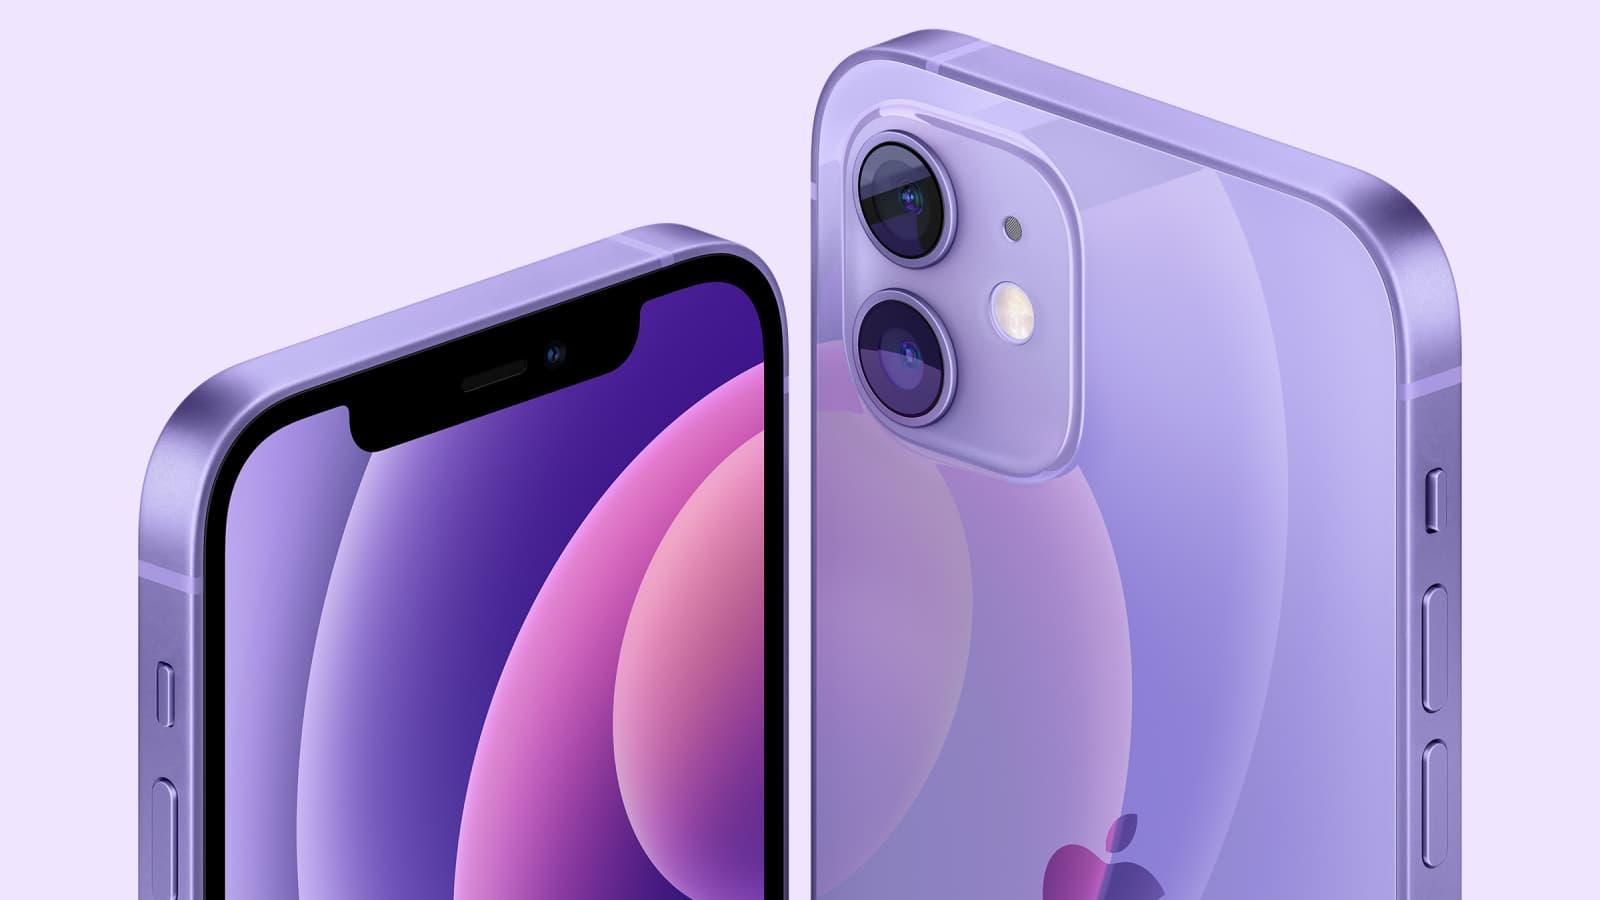 L'iPhone 12 mauve est disponible chez SFR !